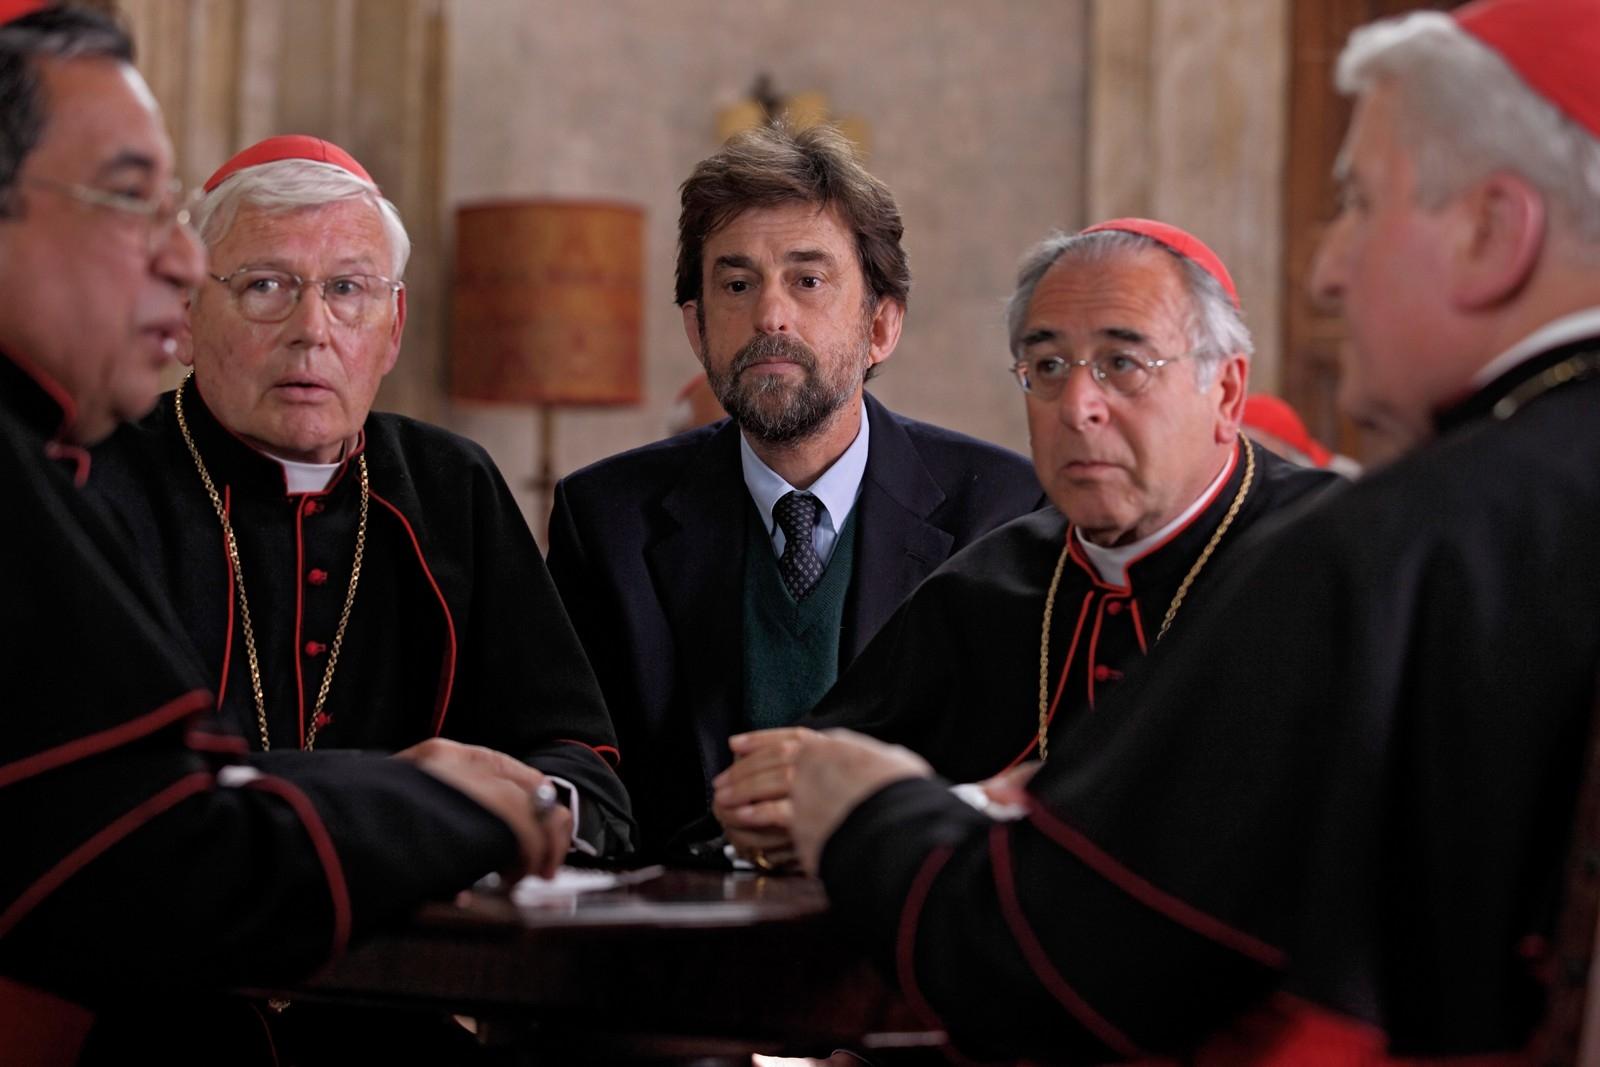 Il Papa s'è dimesso. Nanni Moretti è un Profeta?